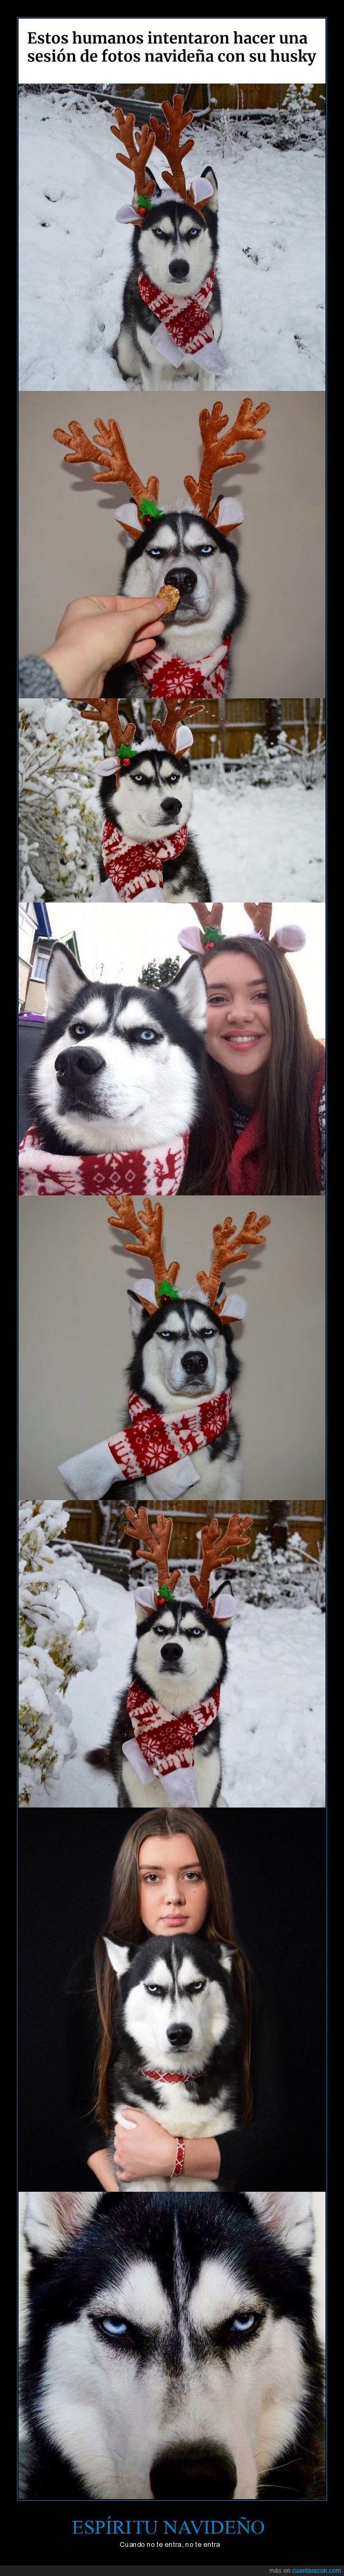 cara,enfadado,fotos,husky,navidad,perro